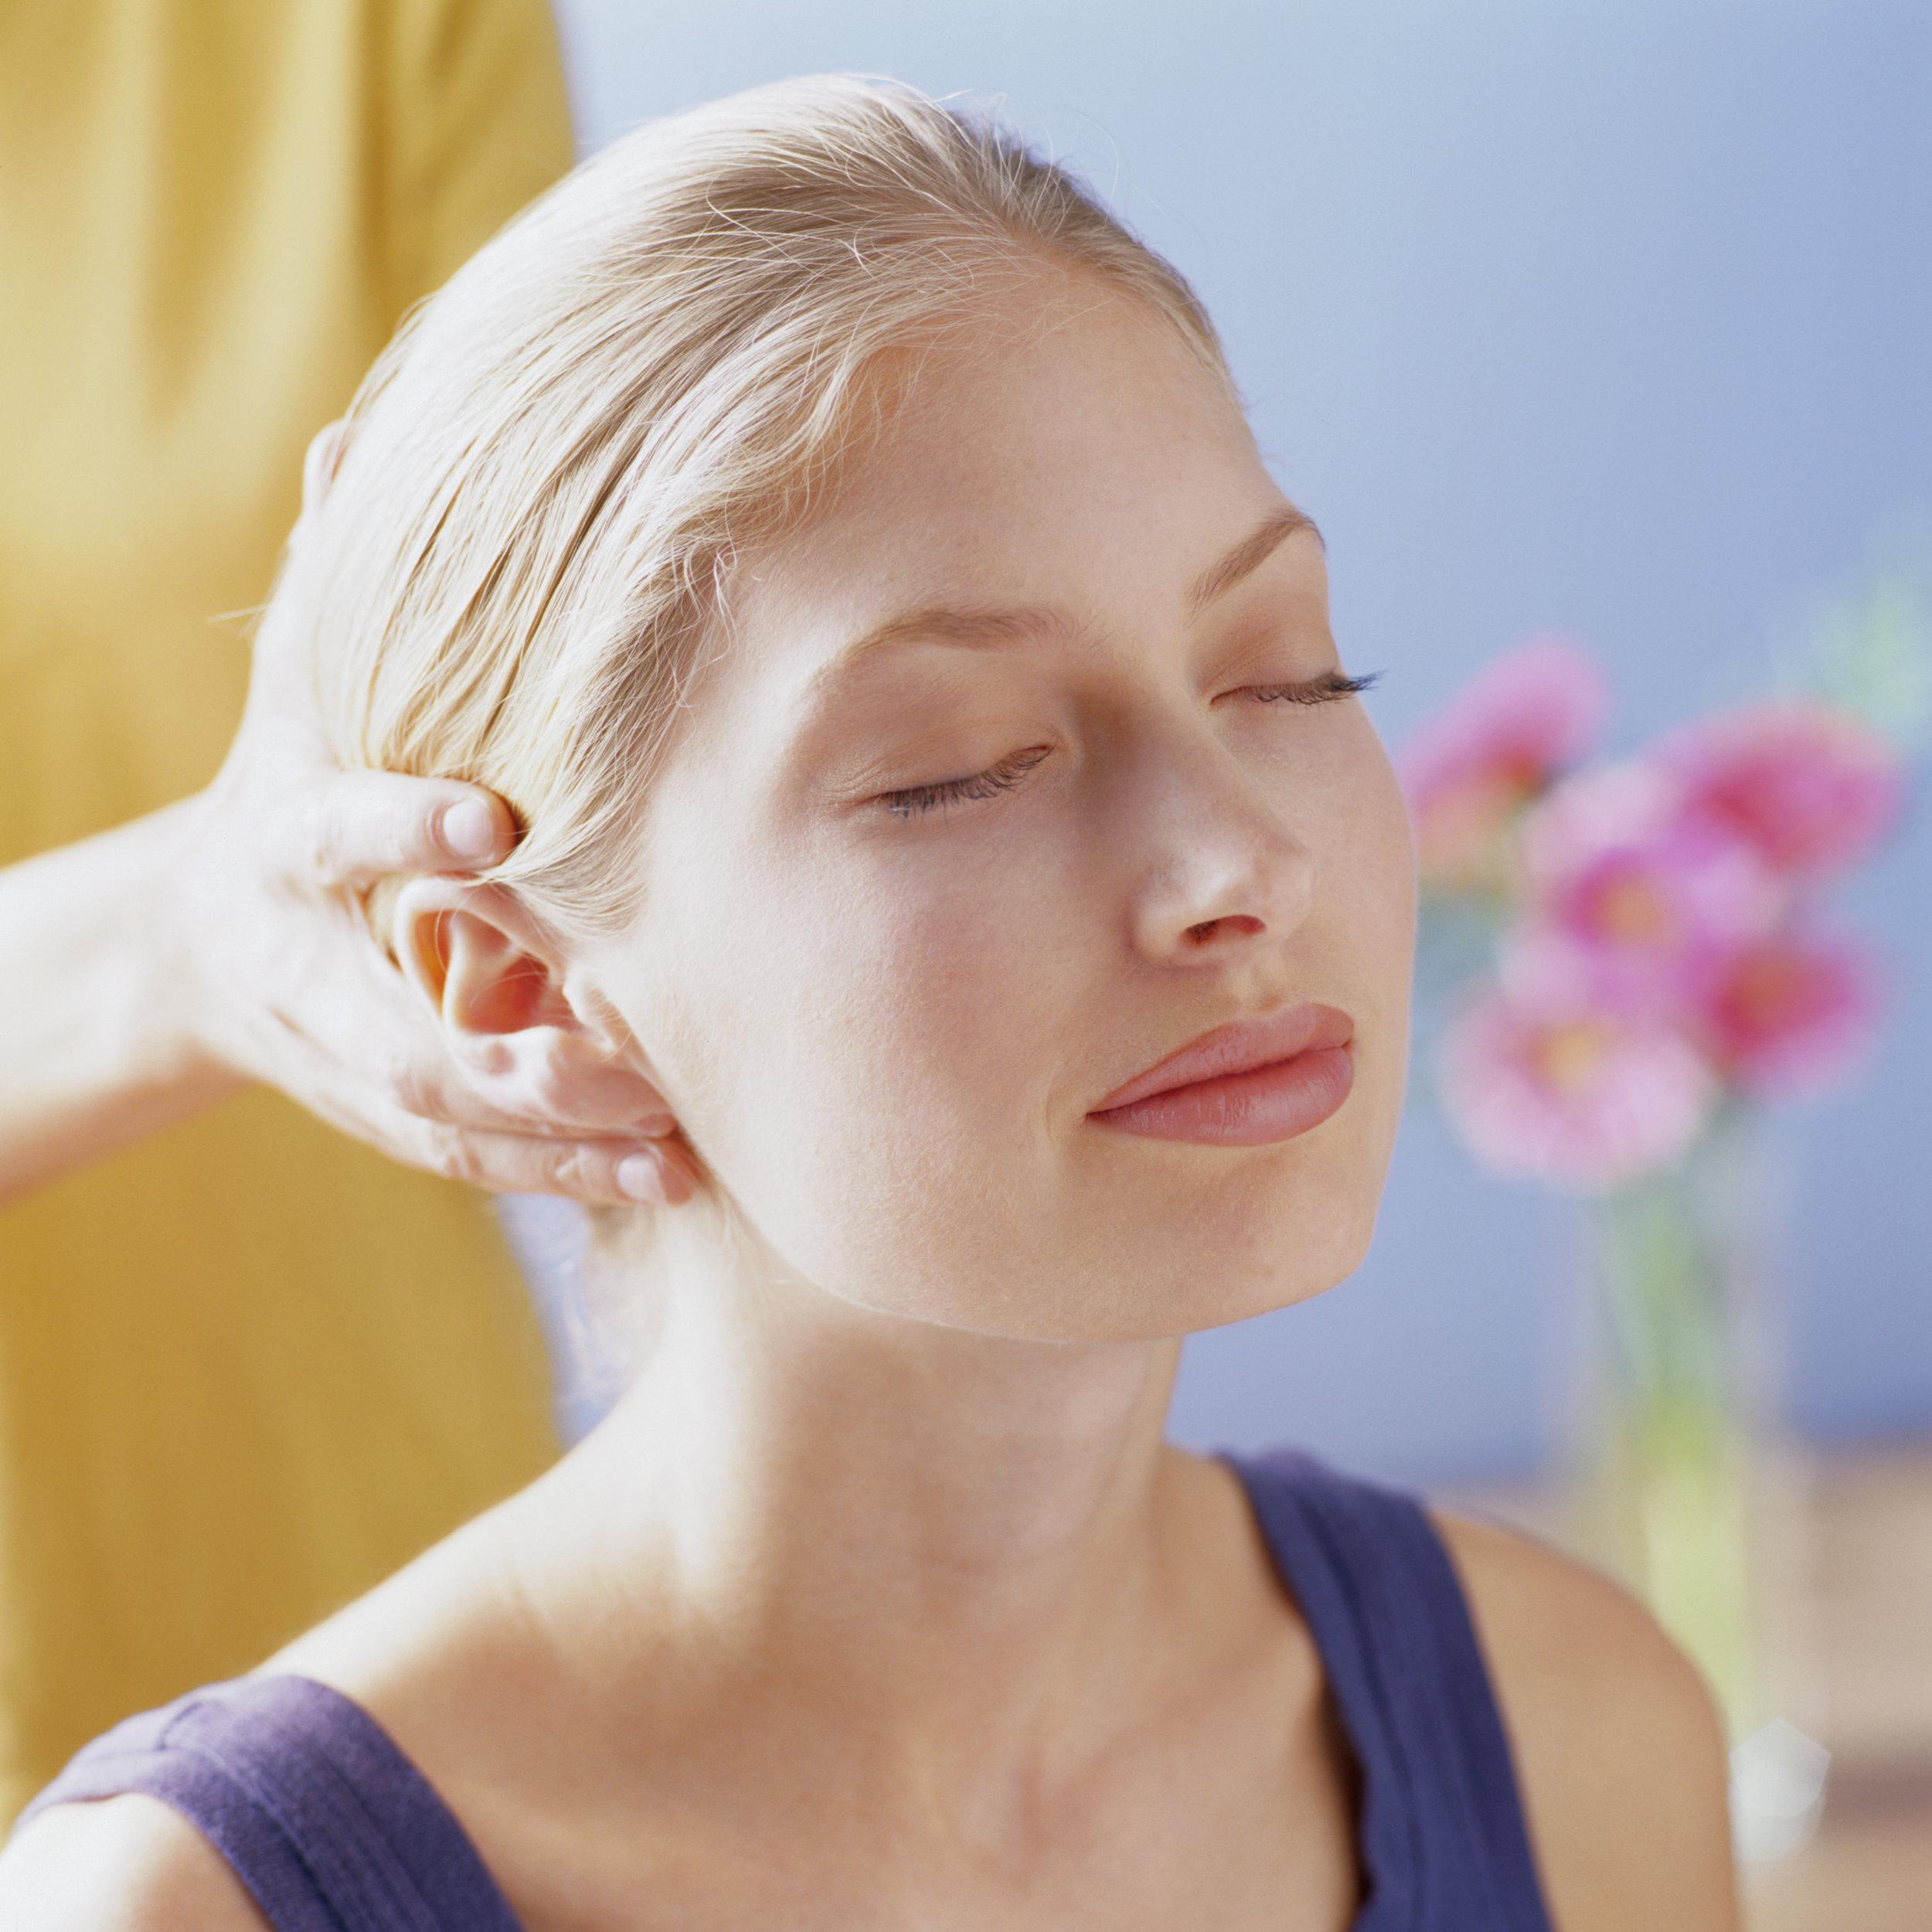 Migraine & Headaches